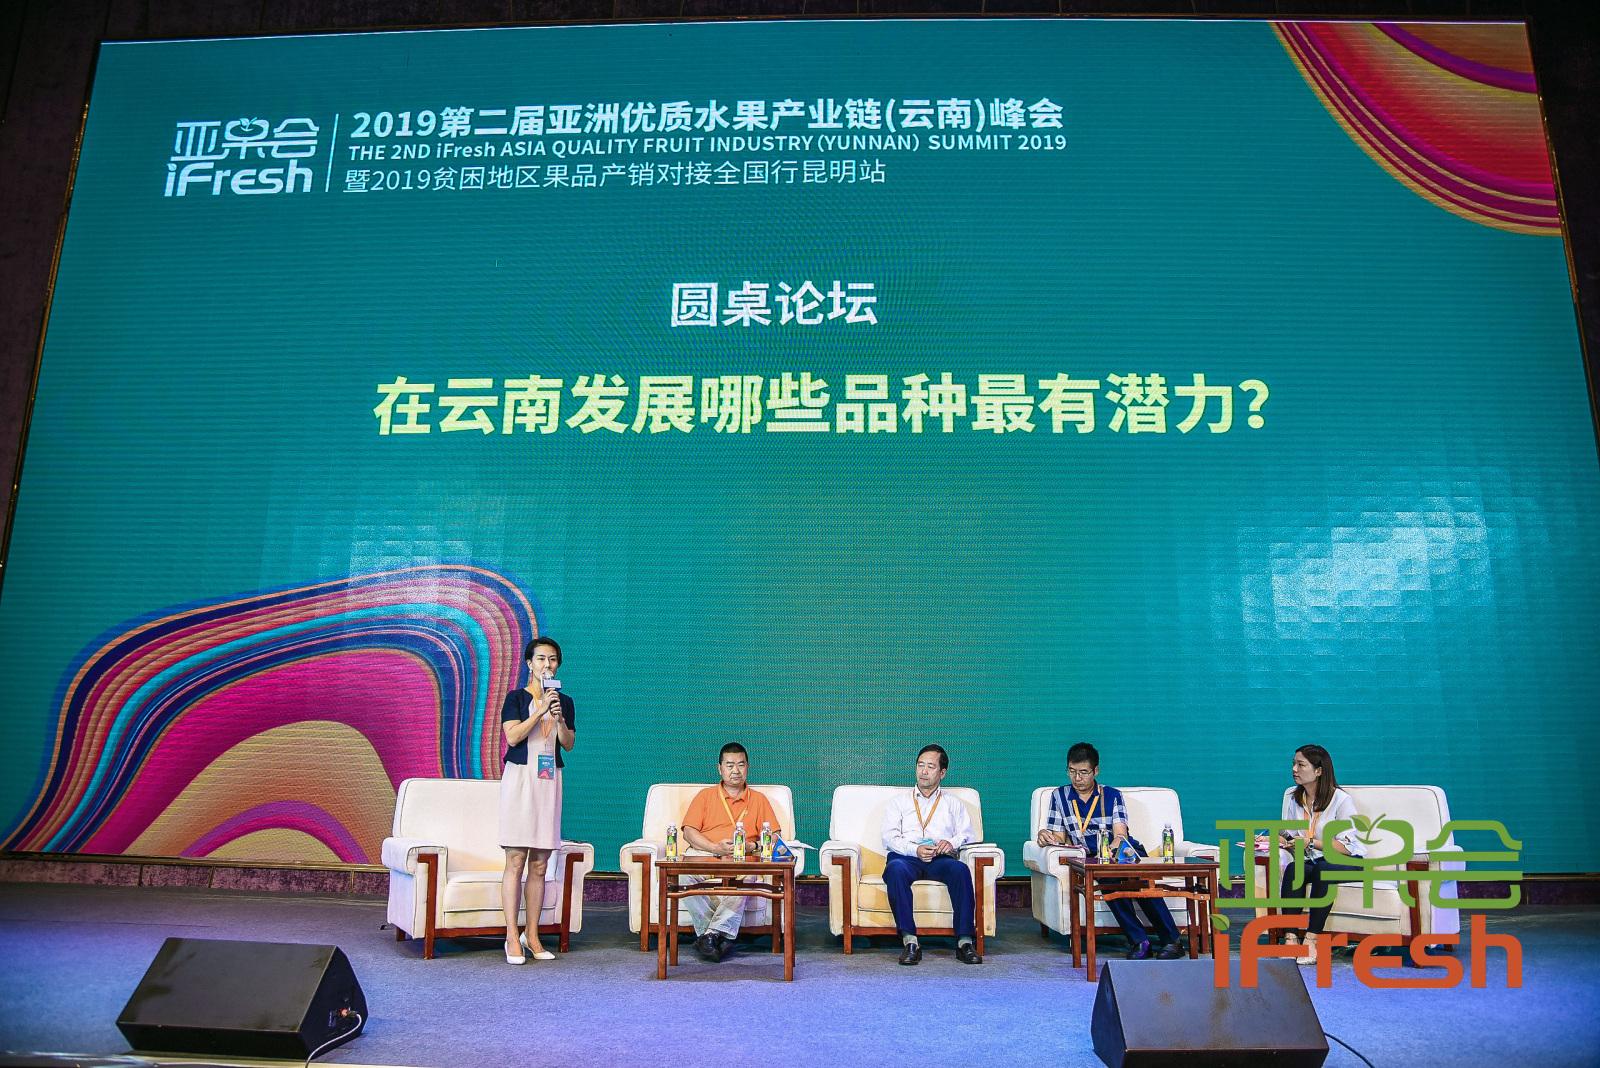 2019亚洲优质水果产业链峰会在昆召开 ——多名专家学者为云南果业种植发展建言献策